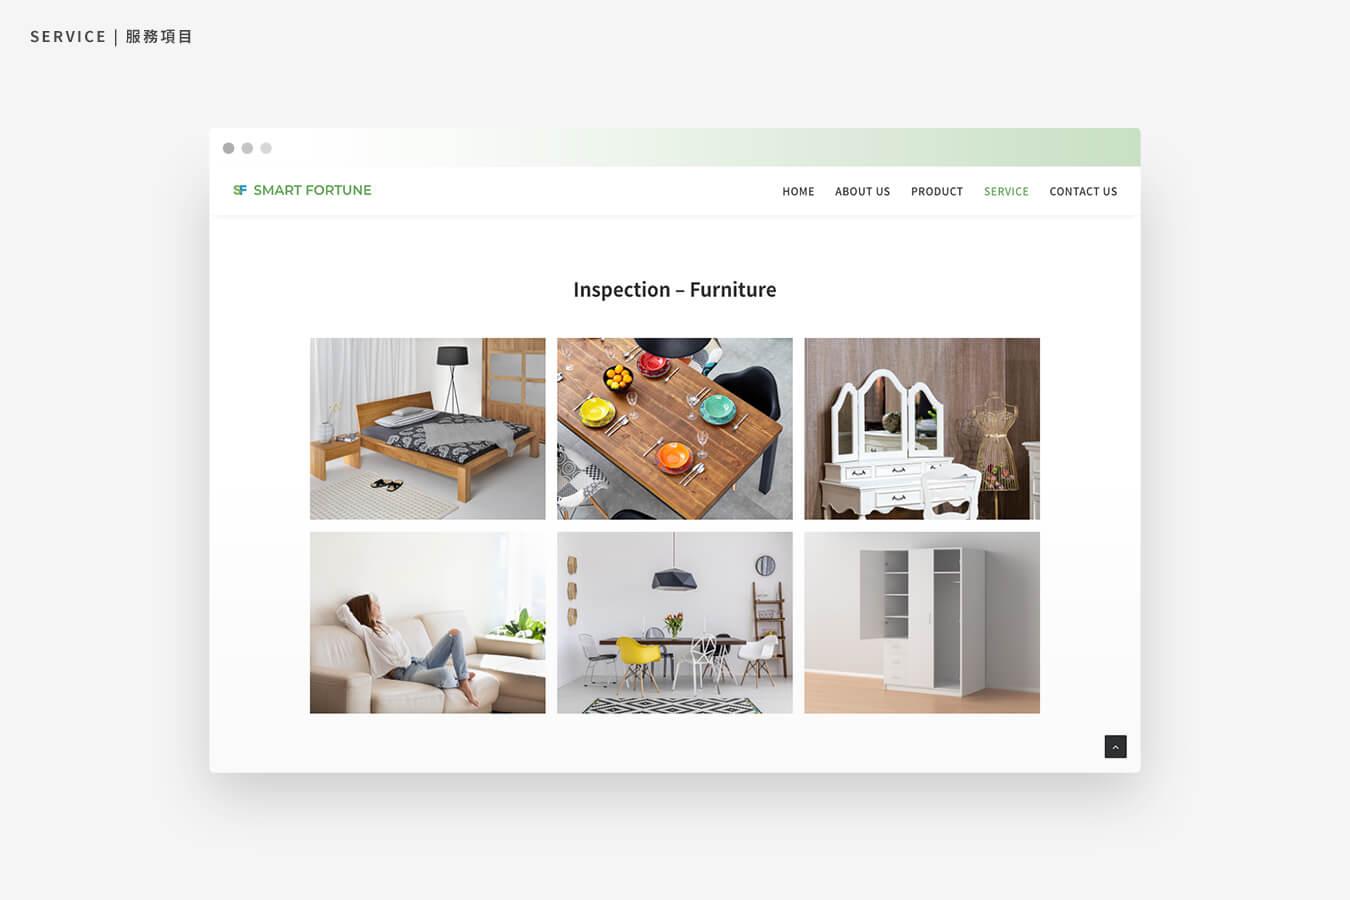 企業網站 | 網站設計 | 品牌化設計打造網站! 品牌形象最佳展示、潛在客戶一眼記住! 交給網站設計專家傑克大俠